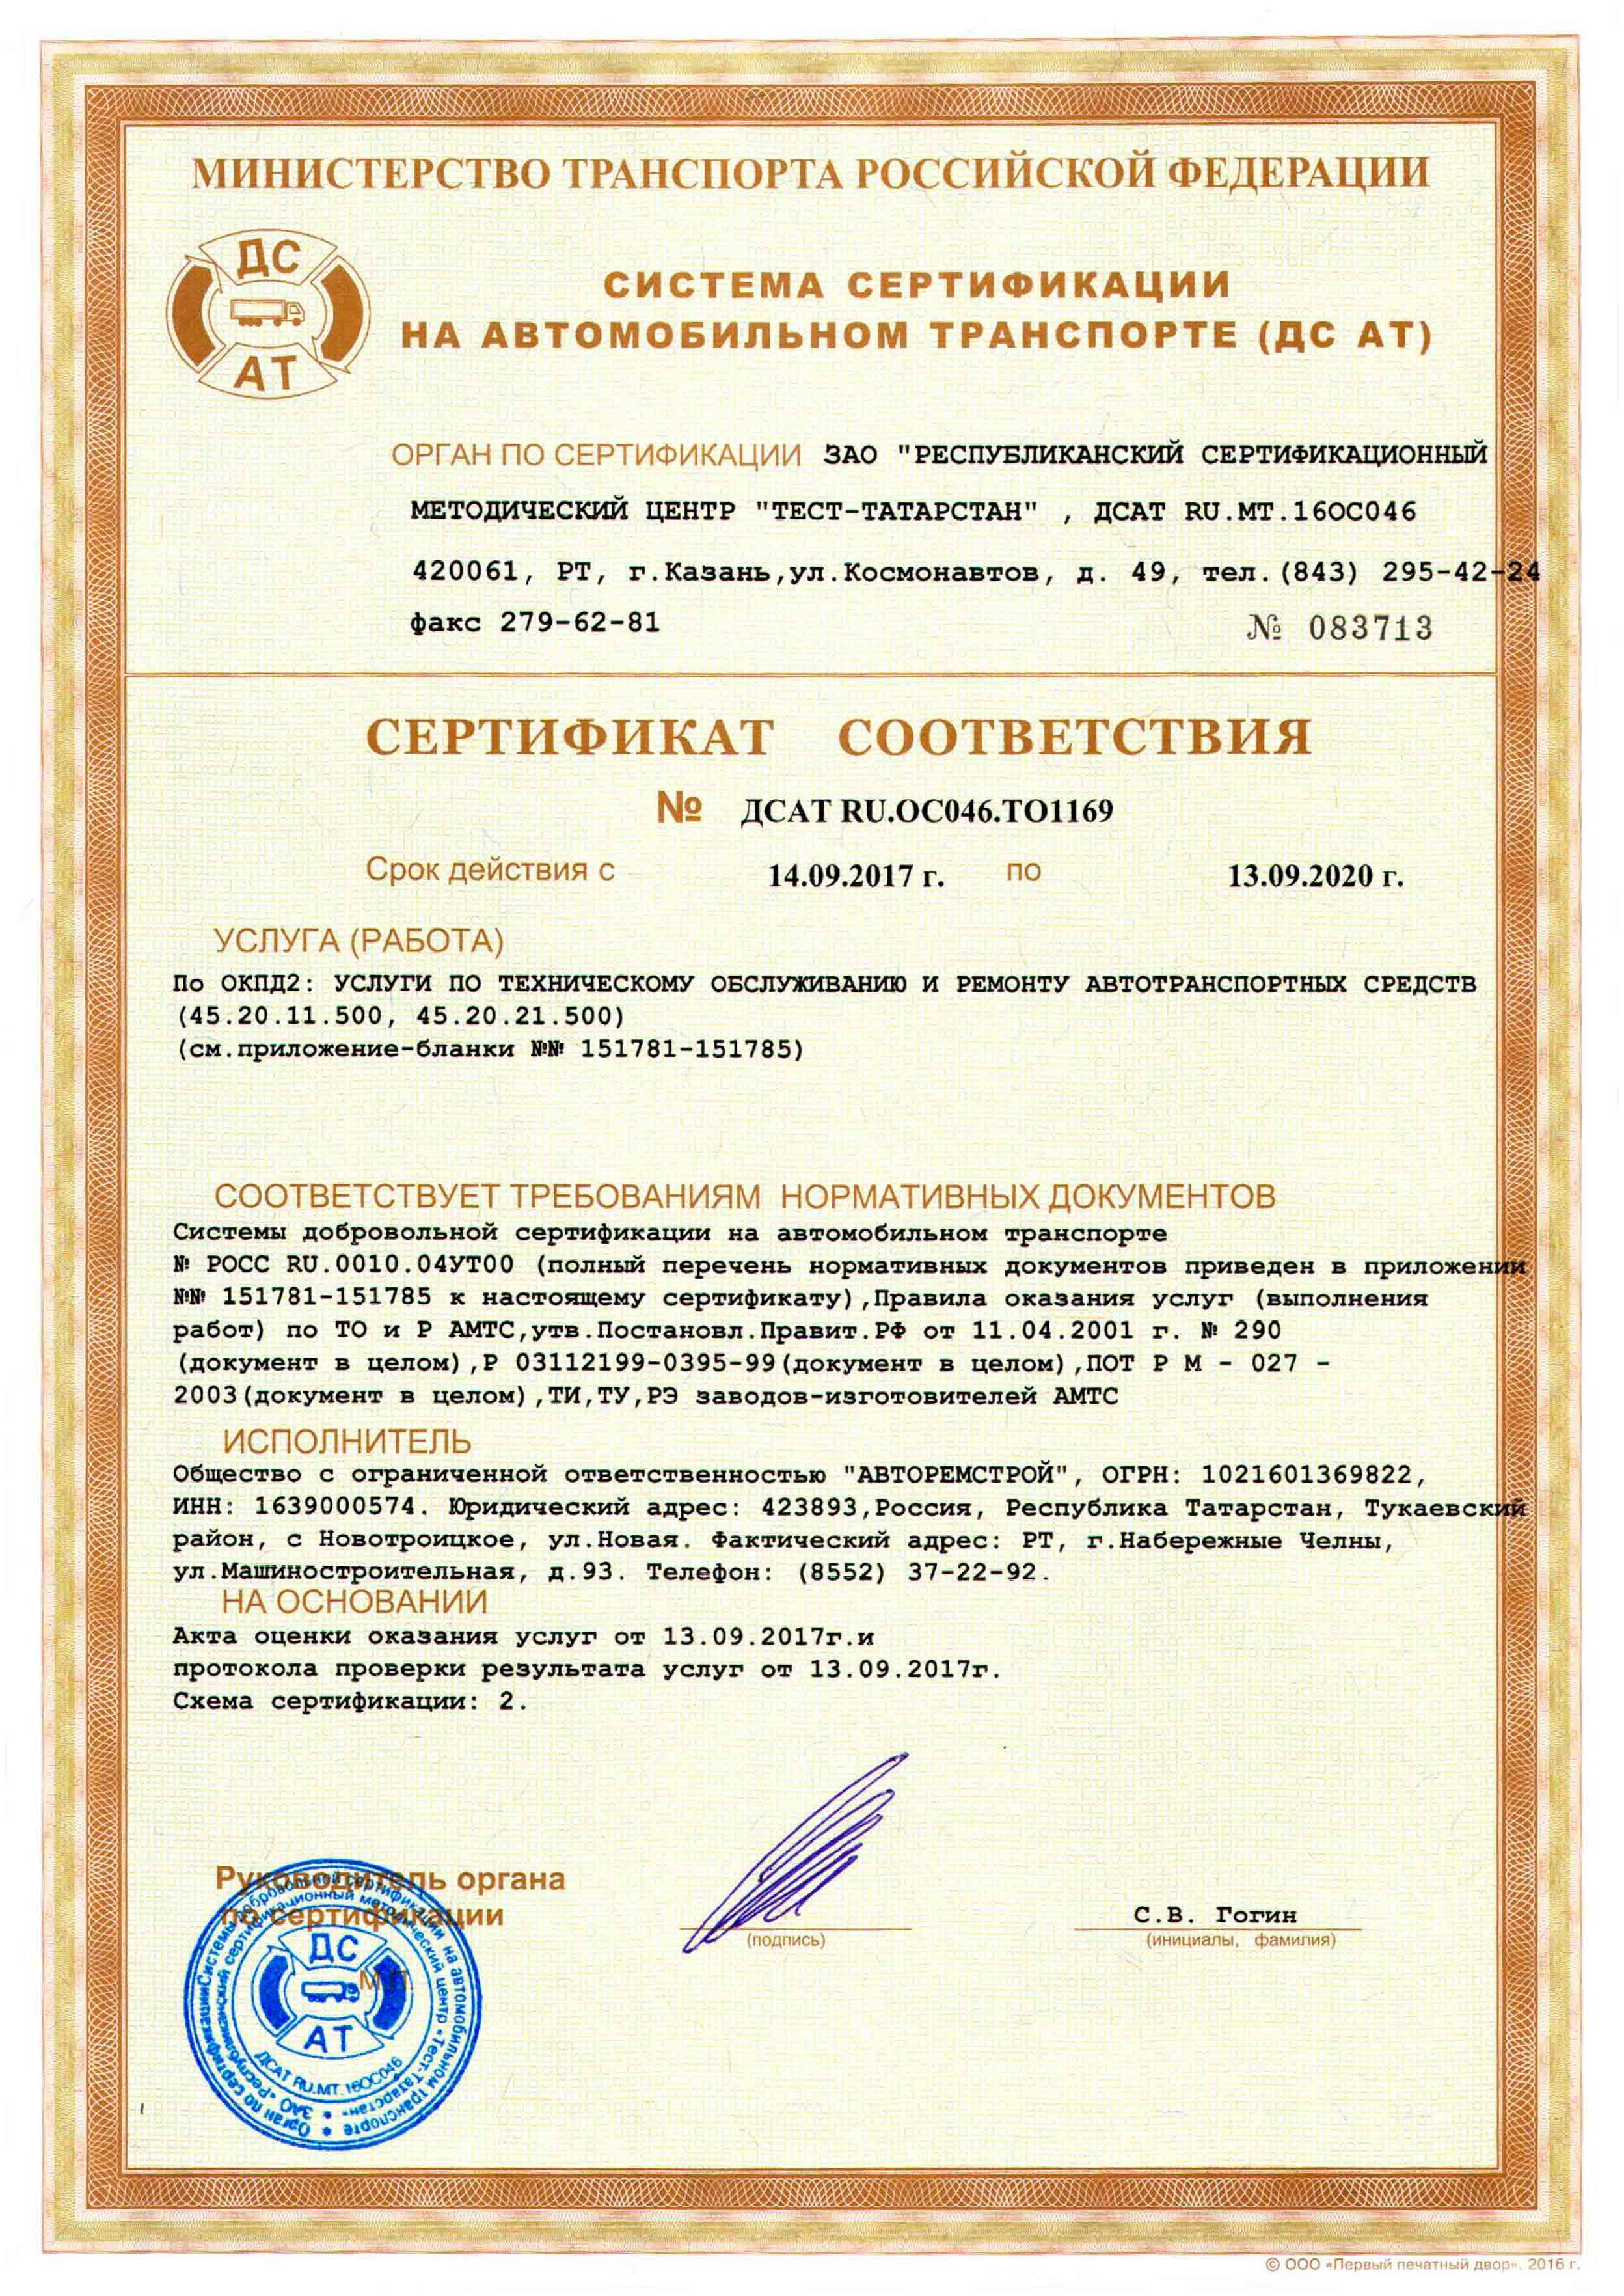 получить сертификат на гбо